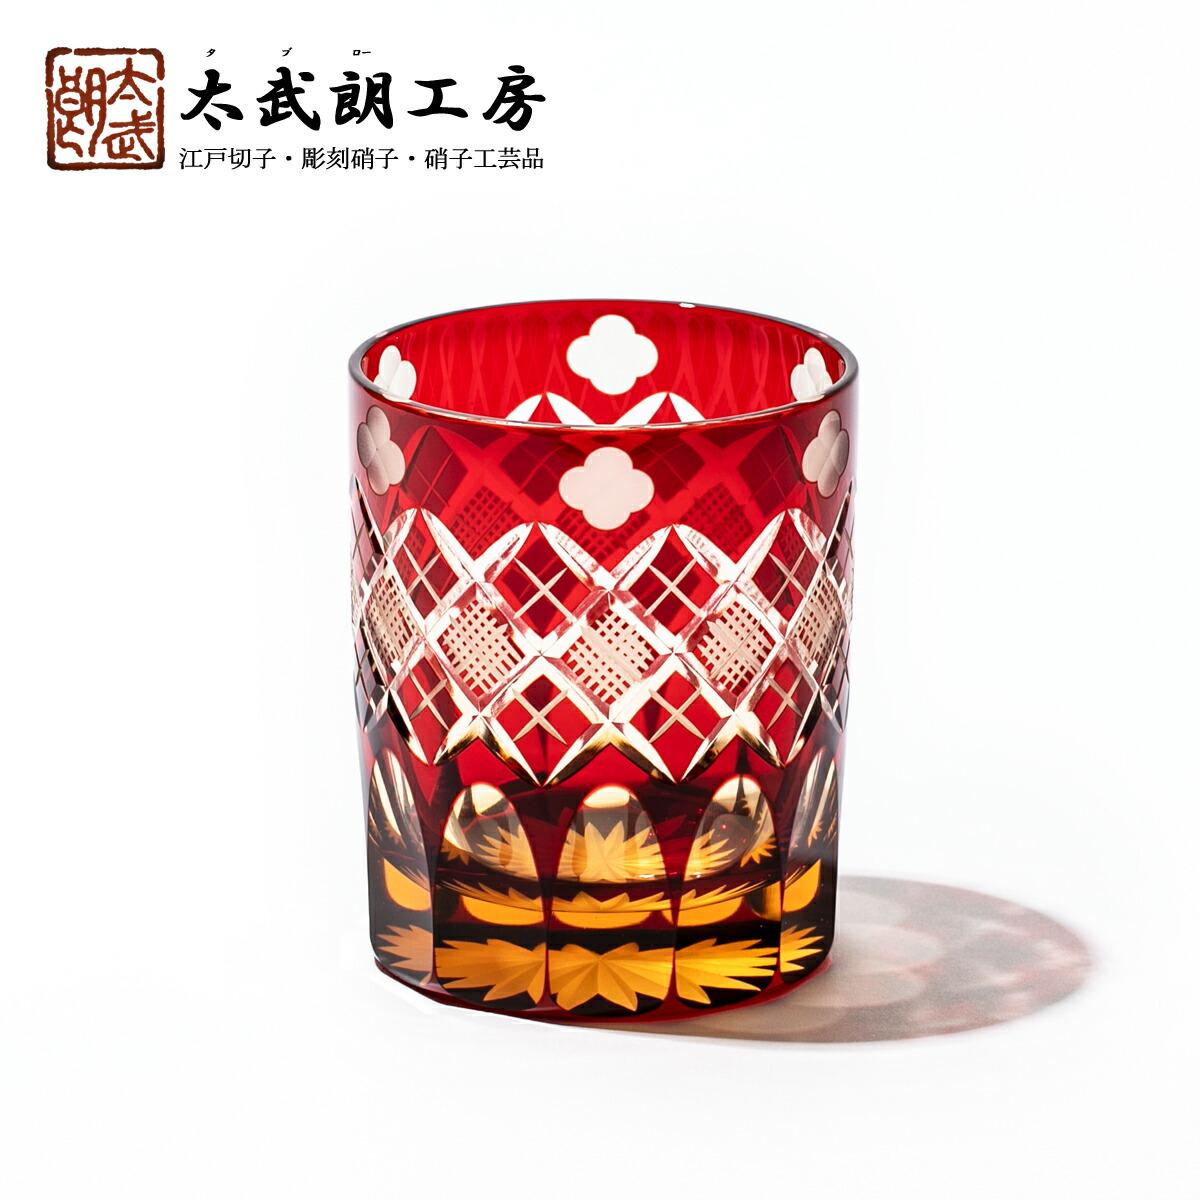 江戸切子 四ツ葉に矢来魚子紋 オールドグラス 琥珀赤赤